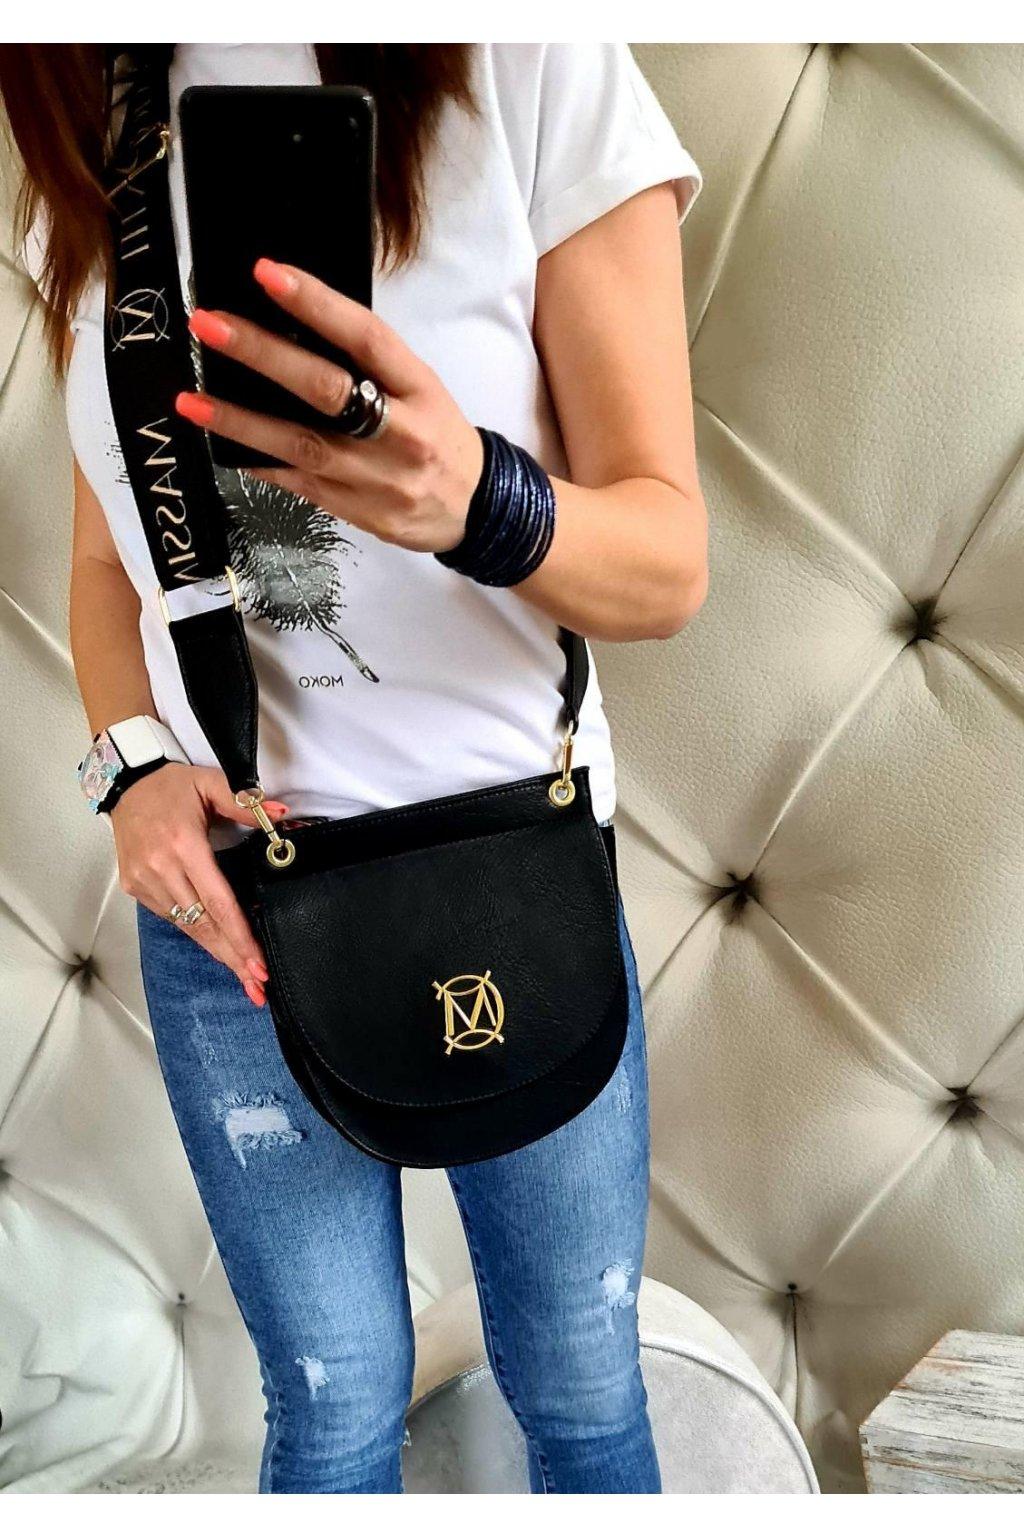 MASSIMO contti klopna černá jednoduchá kabelka italy style